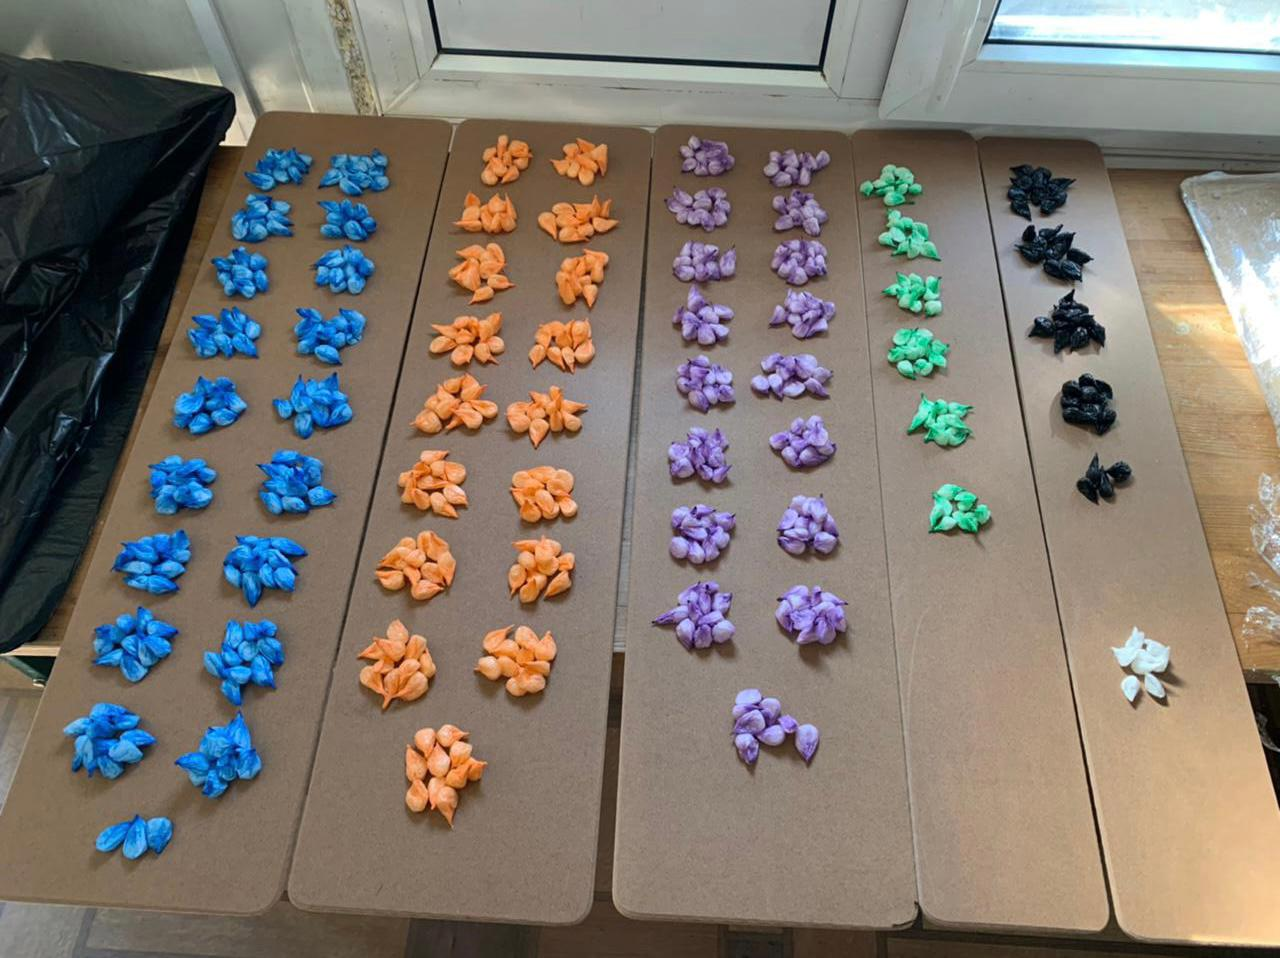 Контрабандисты организовали схему перевозки метадона и димедрола в детских игрушках (фото)